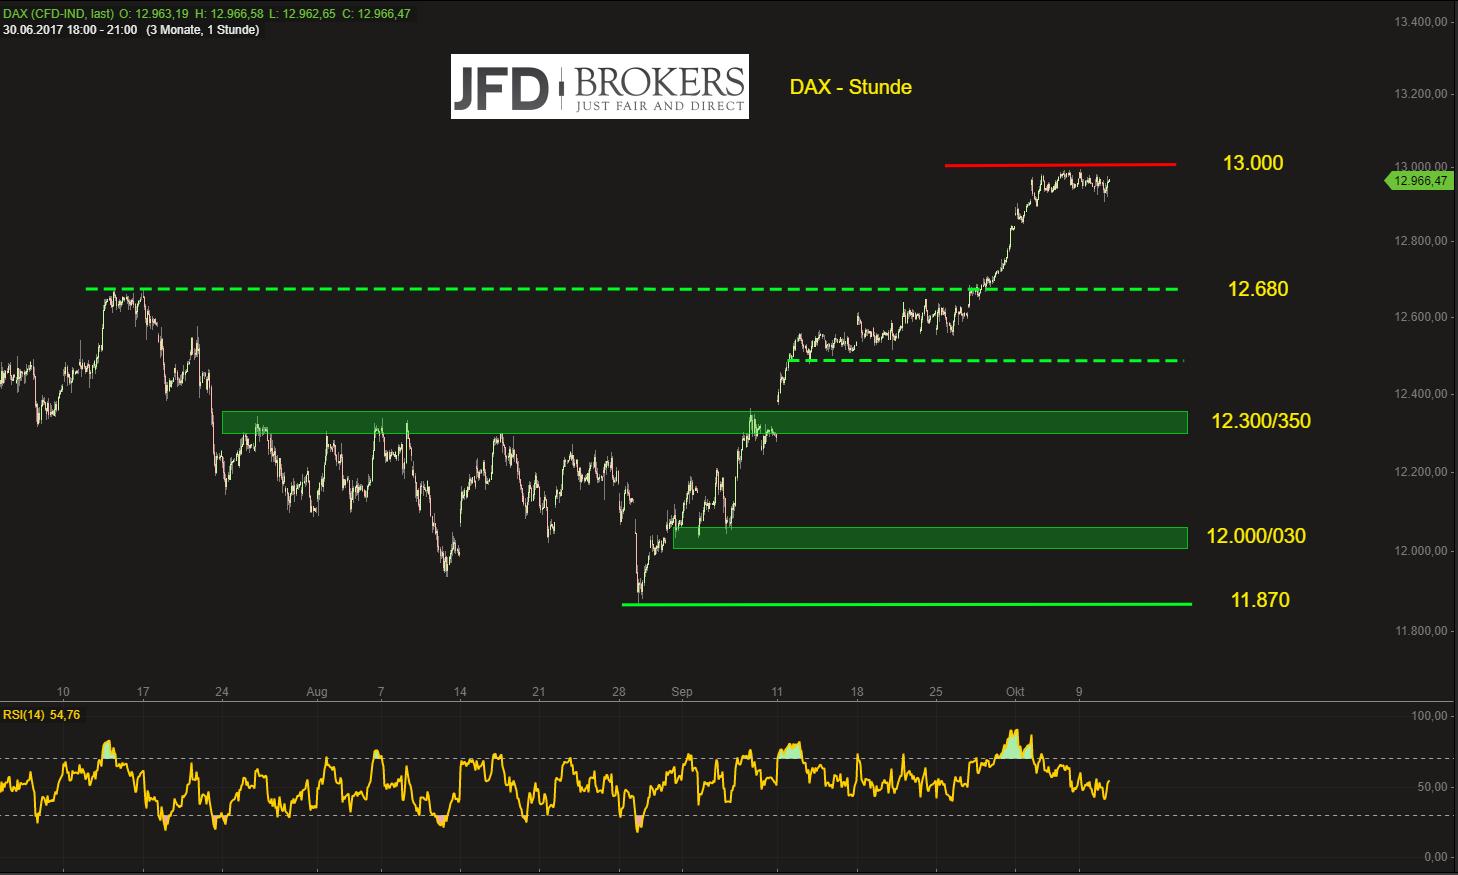 Im-DAX-weiterhin-nichts-neues-aber-ein-Hauch-Nervosität-hält-Einzug-Kommentar-JFD-Brokers-GodmodeTrader.de-2